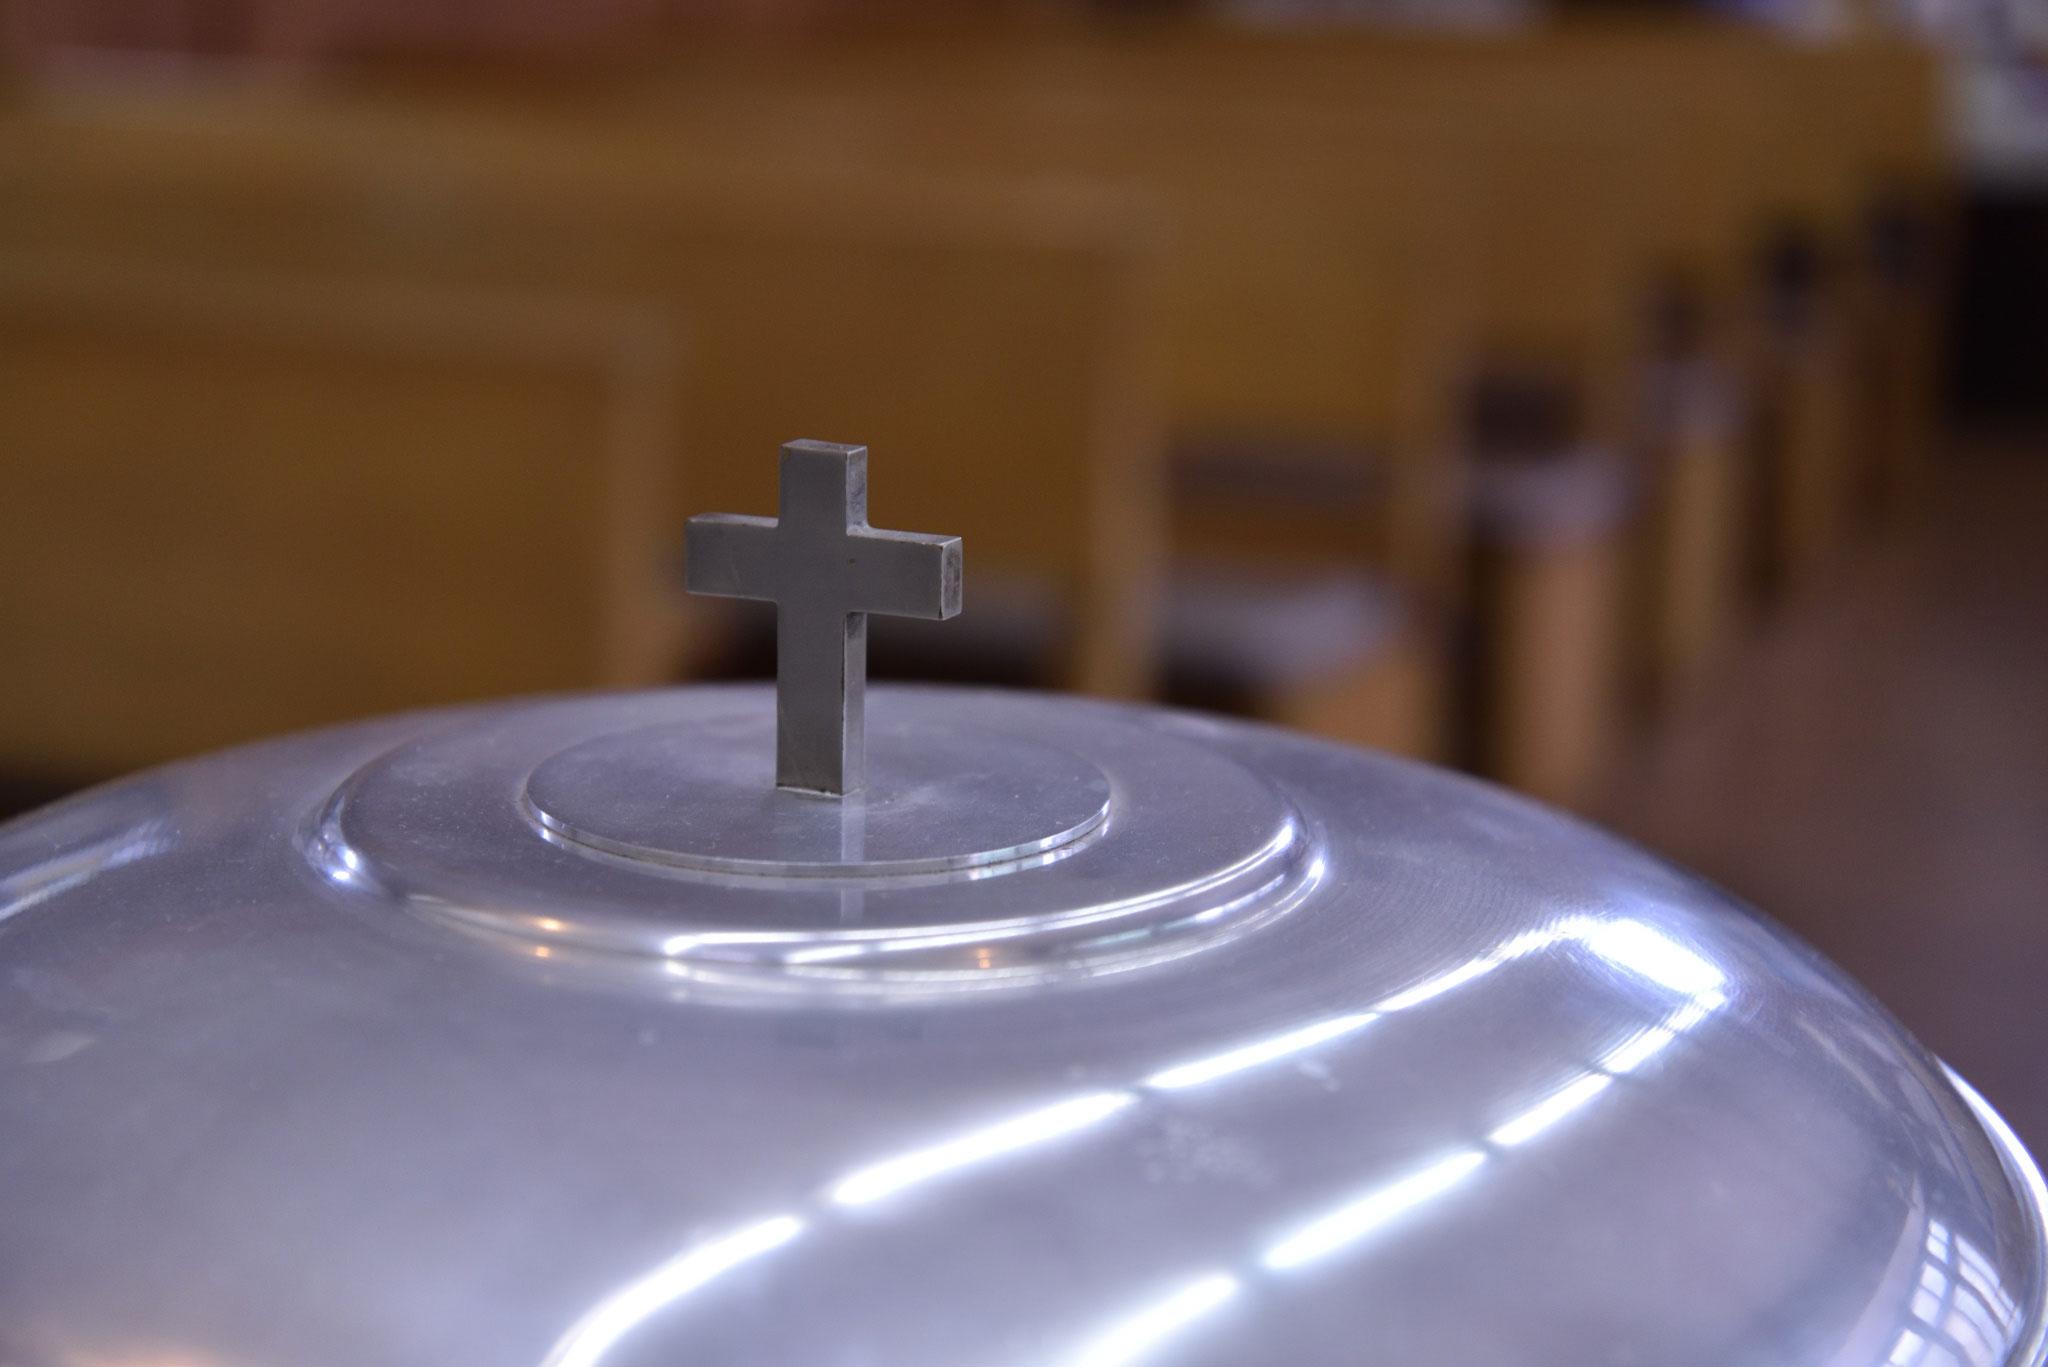 カンバーランド長老キリスト教会東小金井教会の礼拝堂の様子です